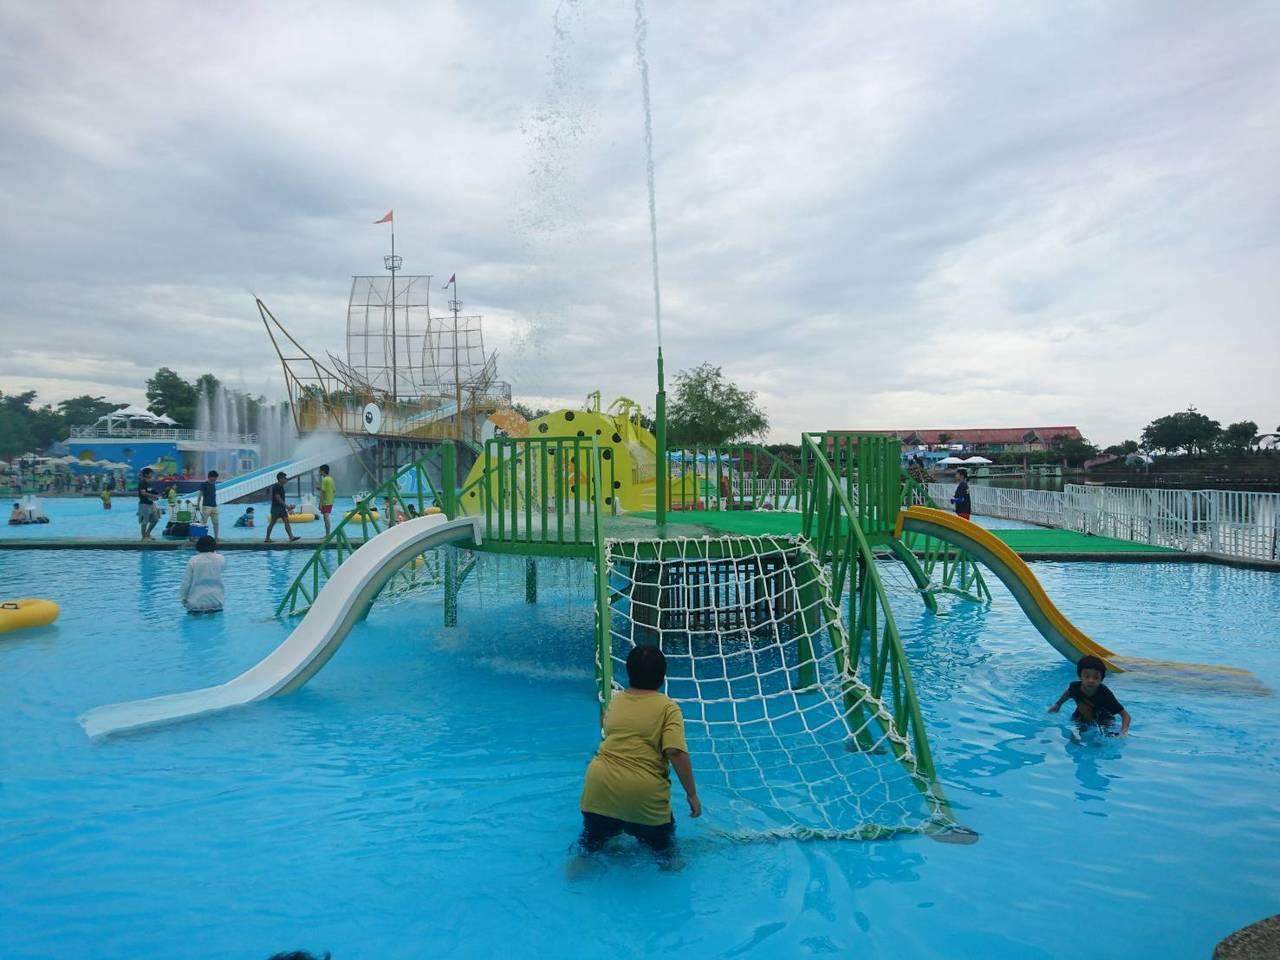 童玩節水上設施。 記者羅建旺/攝影